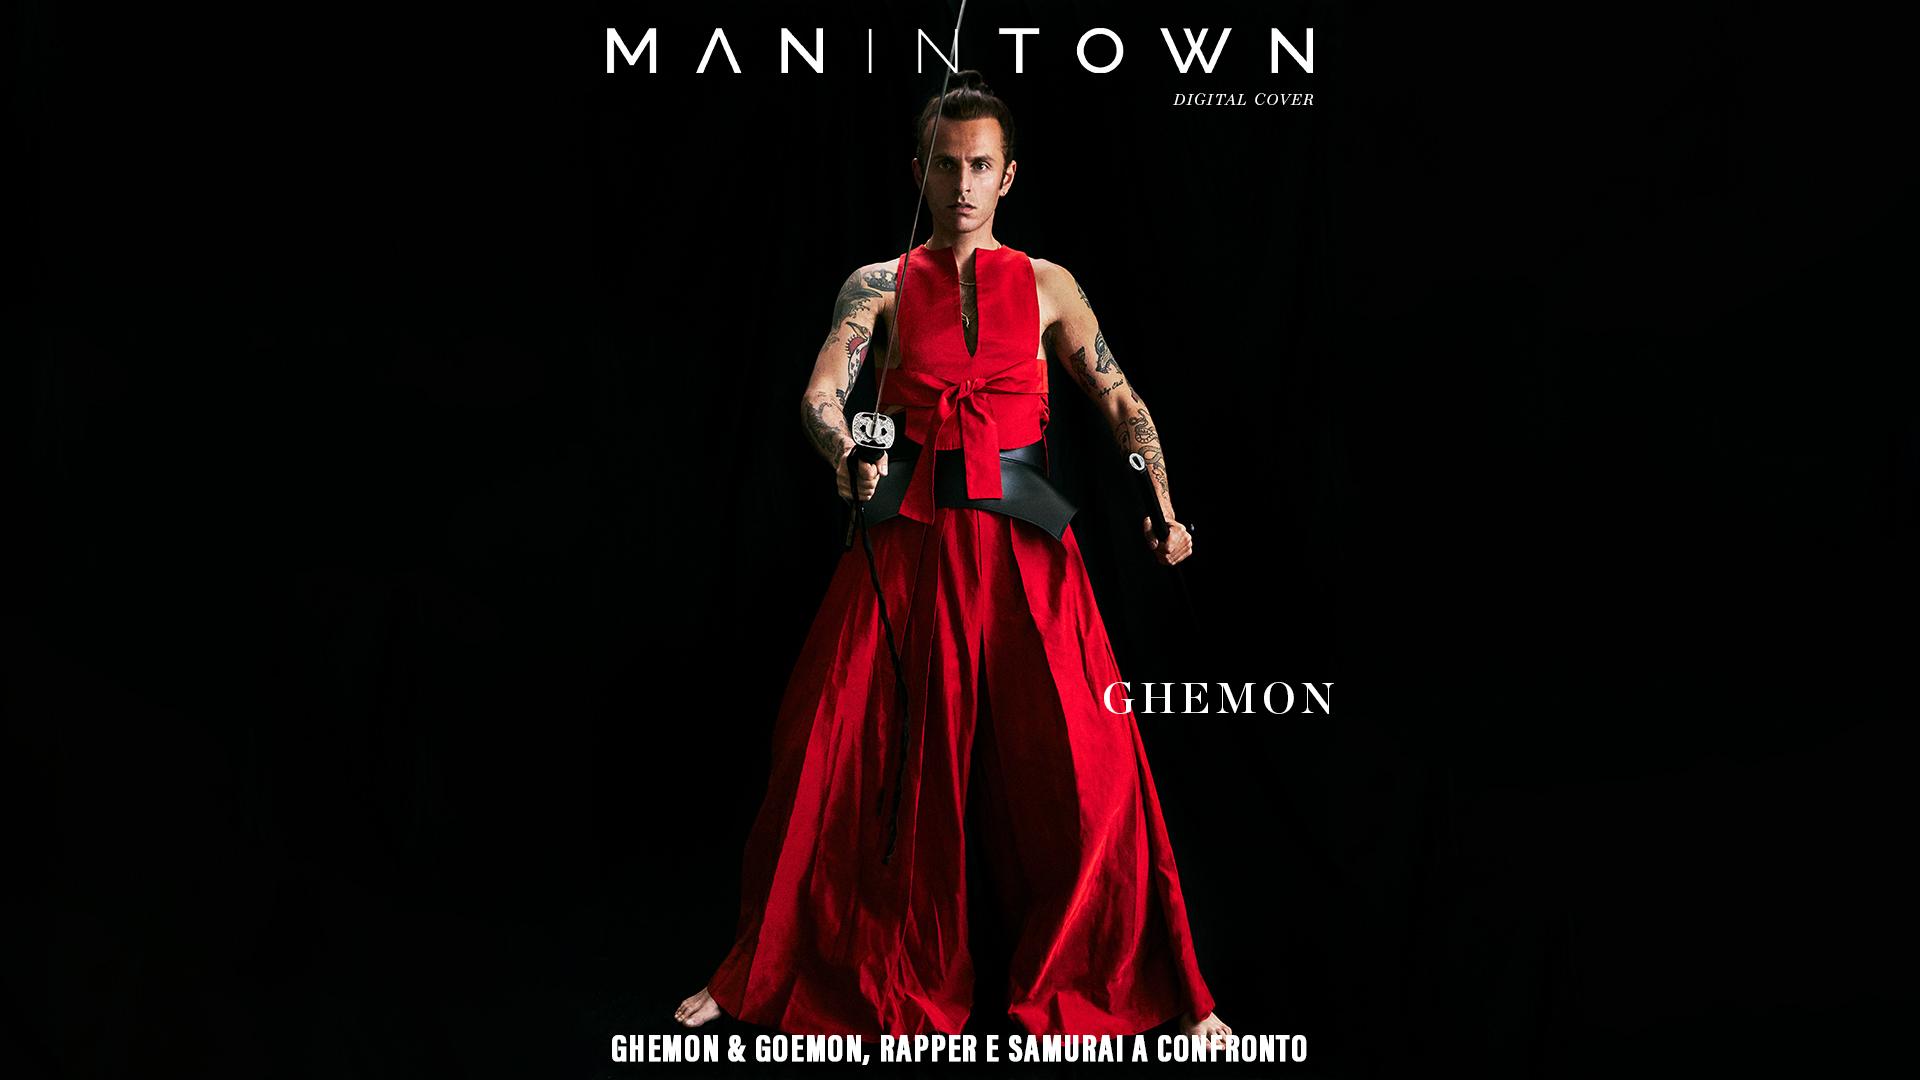 Ghemon & Goemon, rapper e samurai a confronto